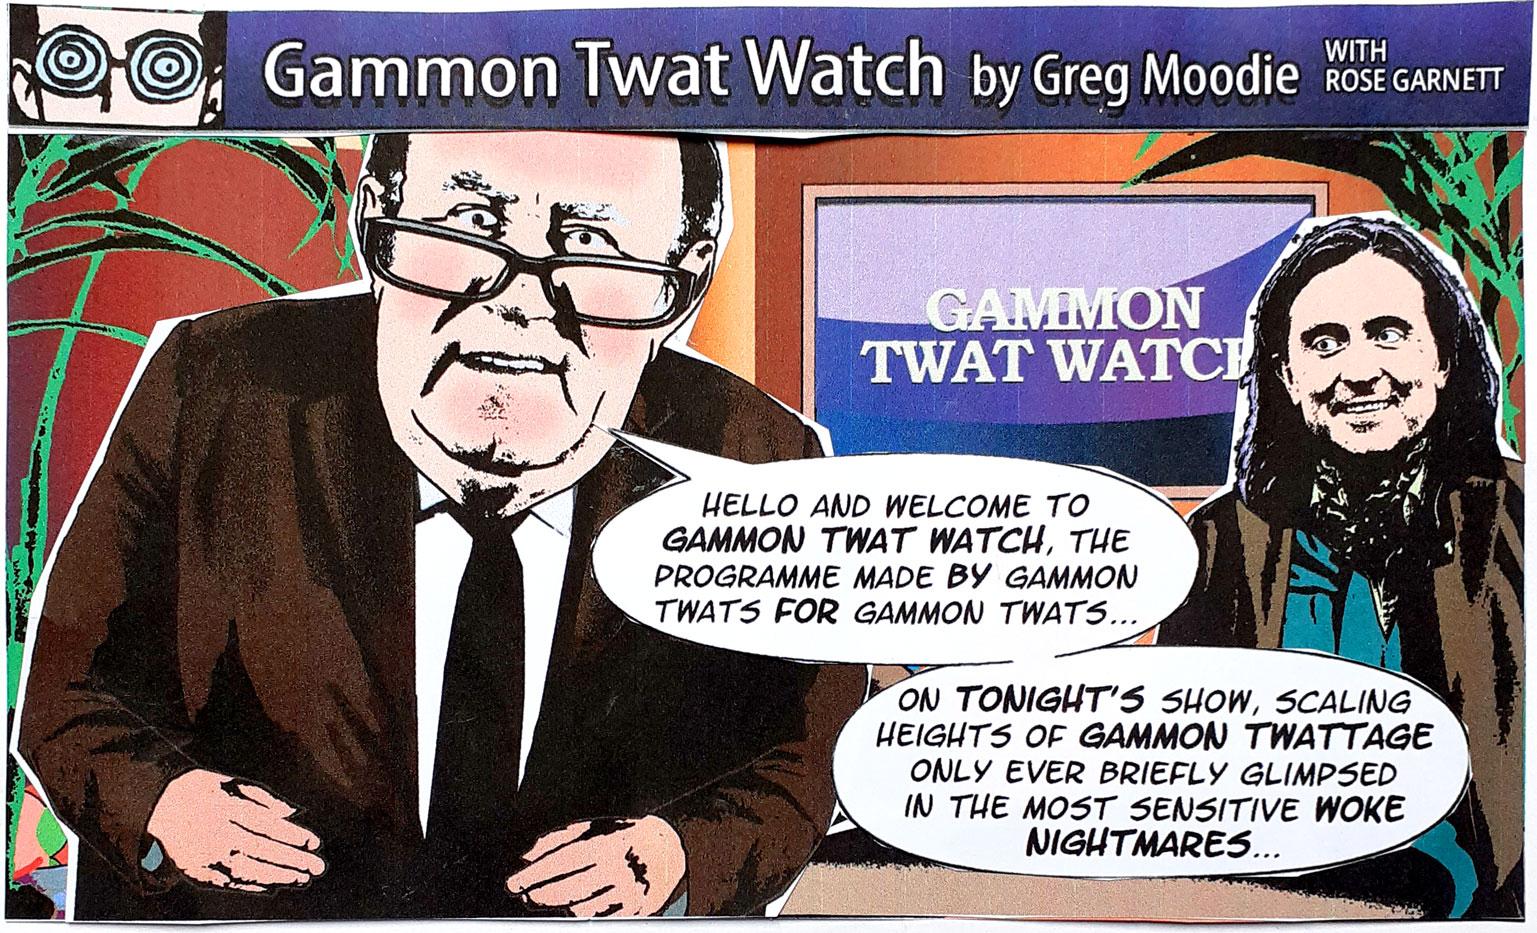 Gammon Twat Watch